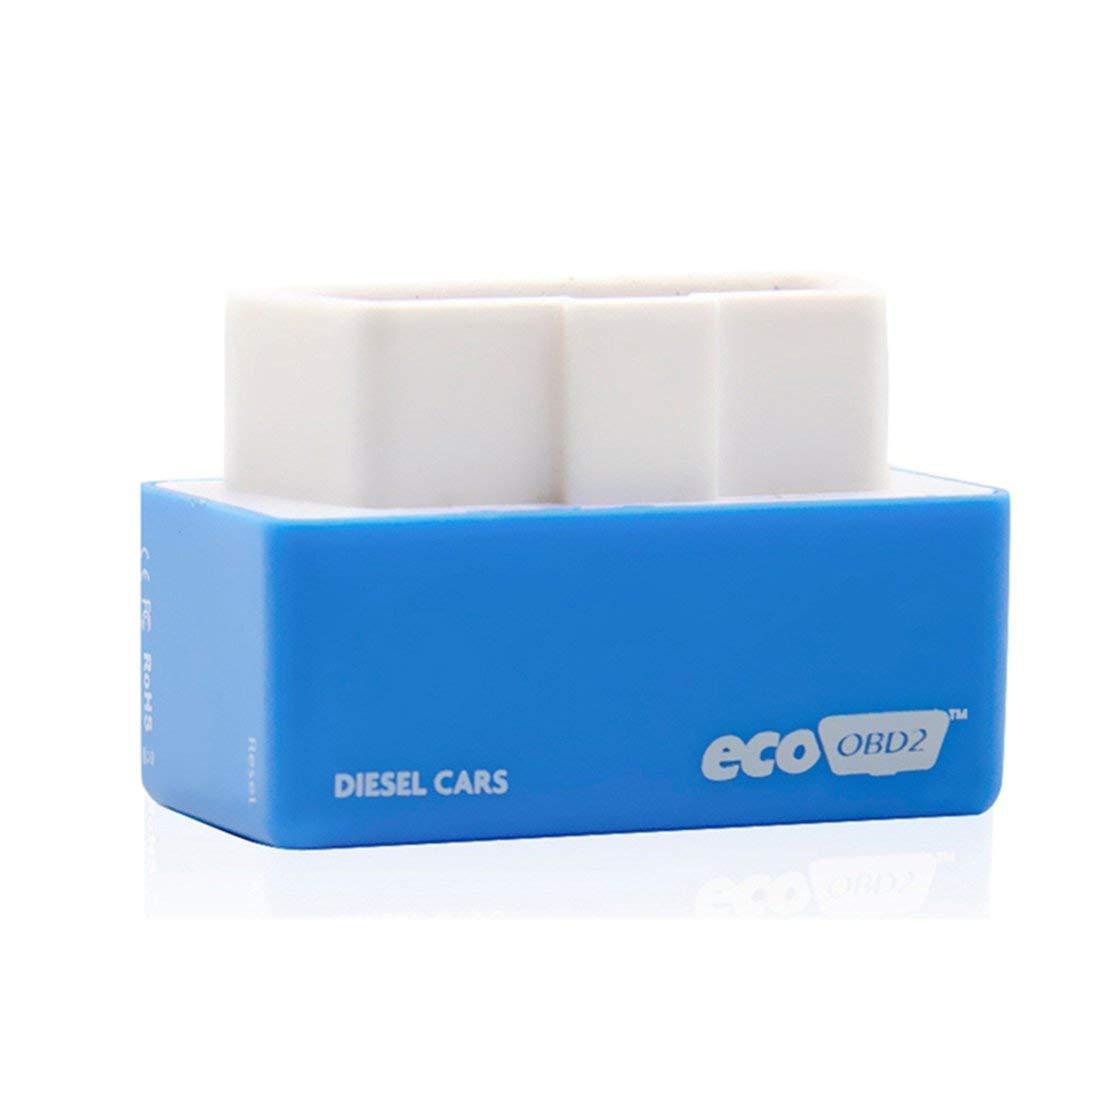 Sanzhileg Nitro-OBD2 Ahorro de Combustible del automóvil de la Placa PCB de Doble Capa - Azul